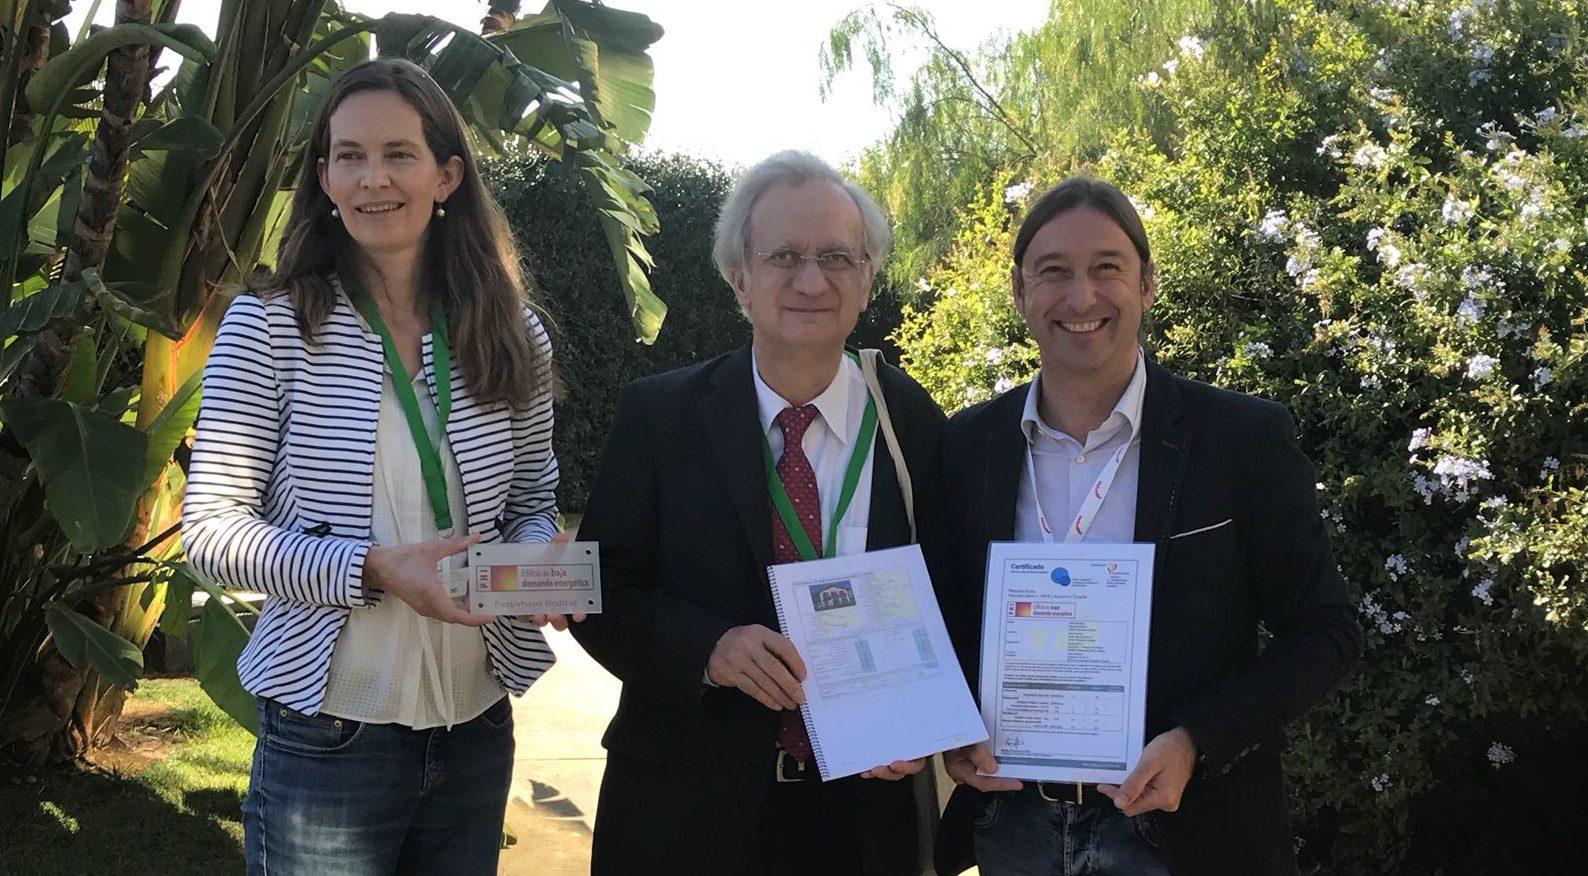 El Dr. Wolfgang Feist entrega a Koldo Monreal el certificado EECN de Casa Plazaola